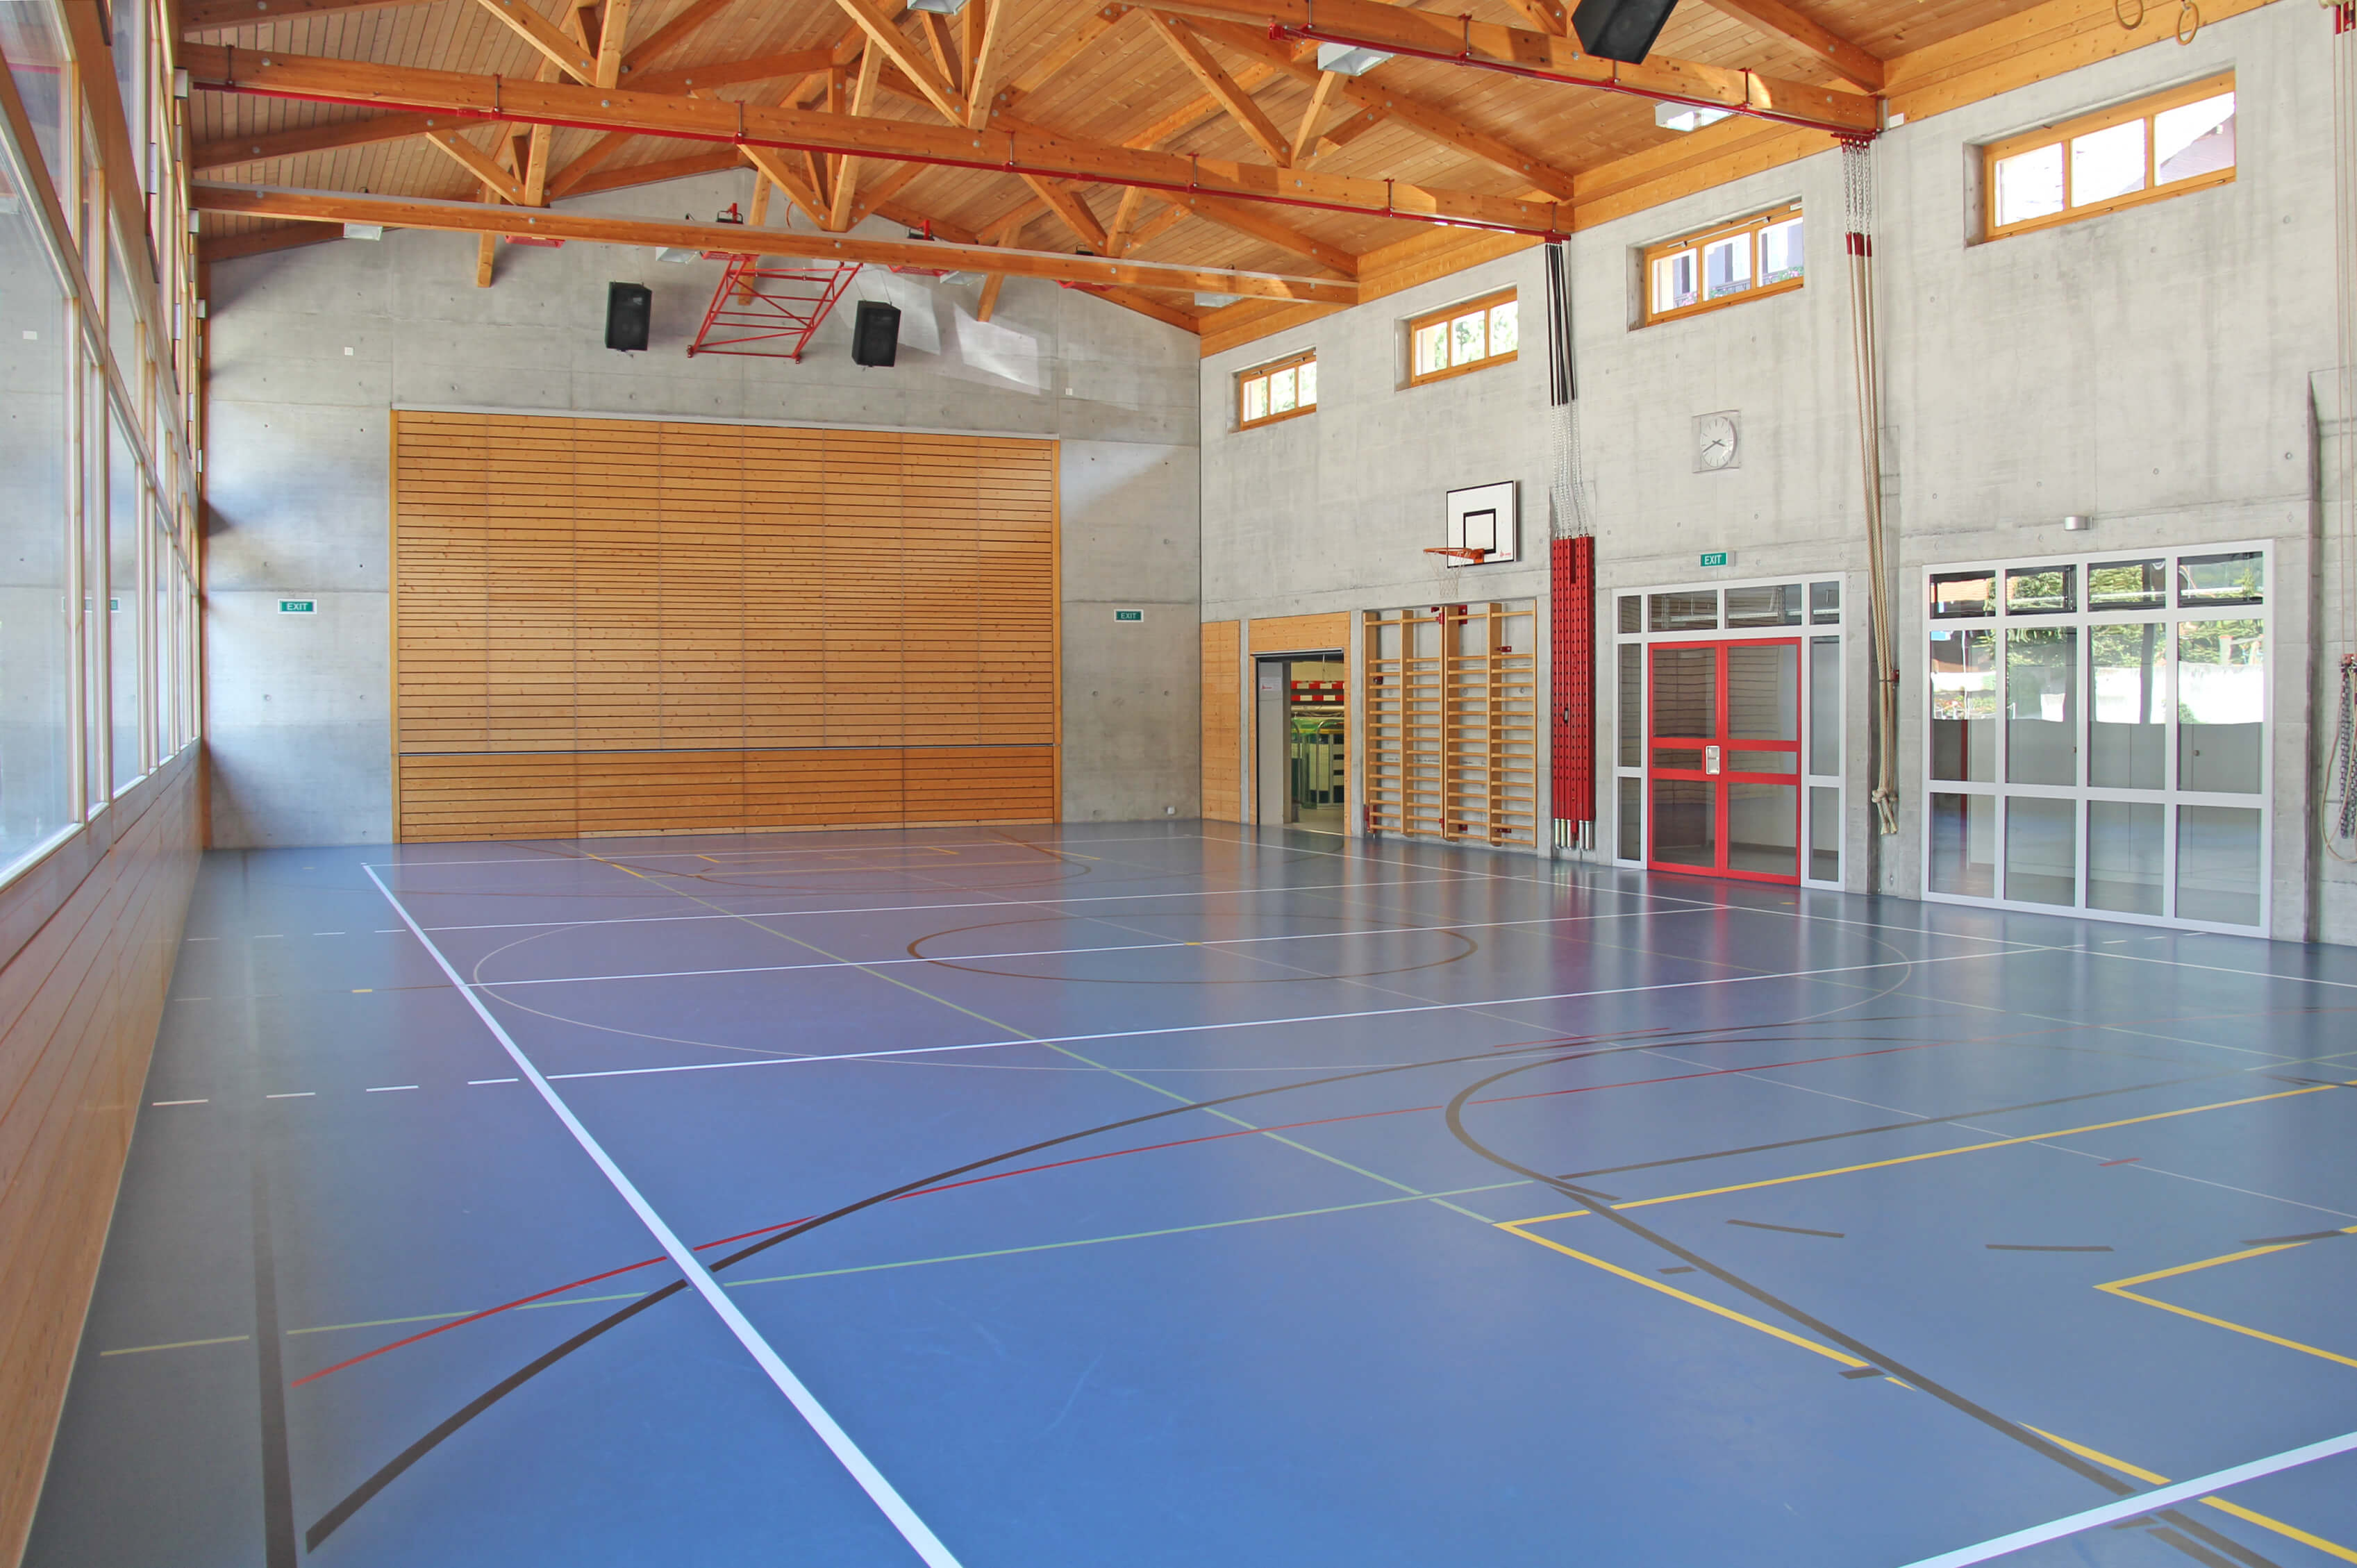 Viel Platz für sportliche Aktivitäten